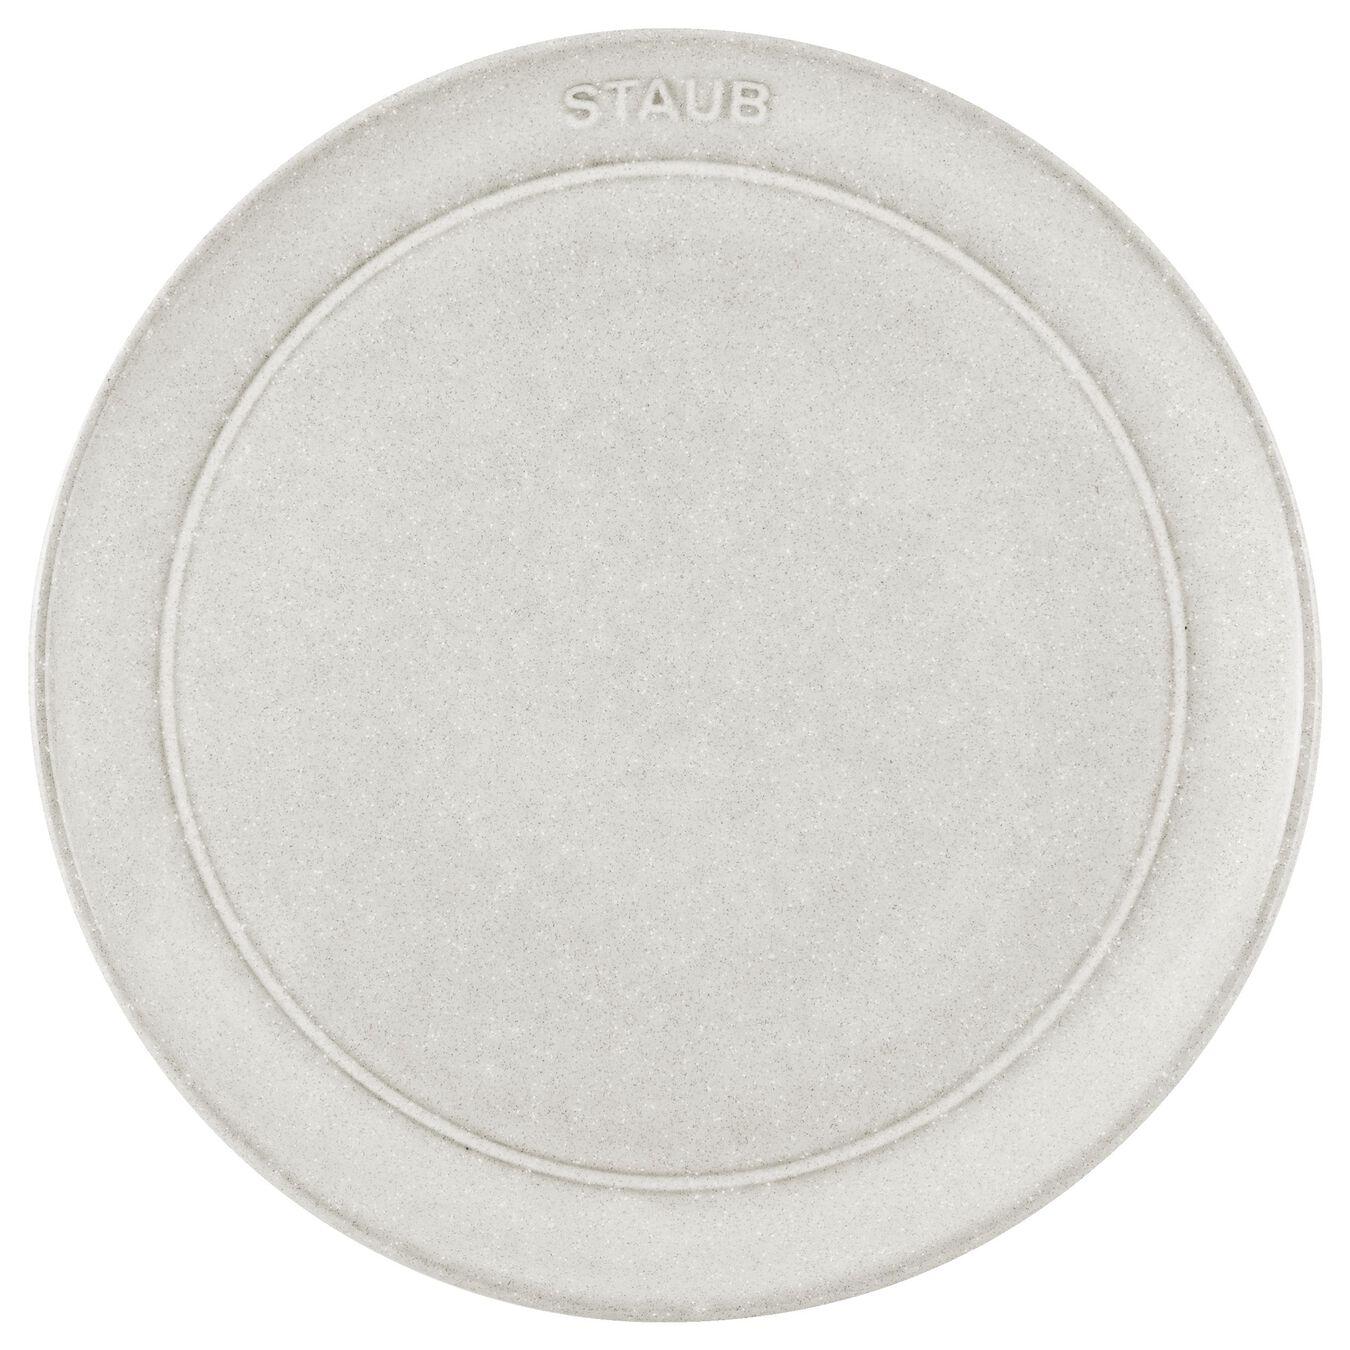 Assiette plat/plane 20 cm,,large 2